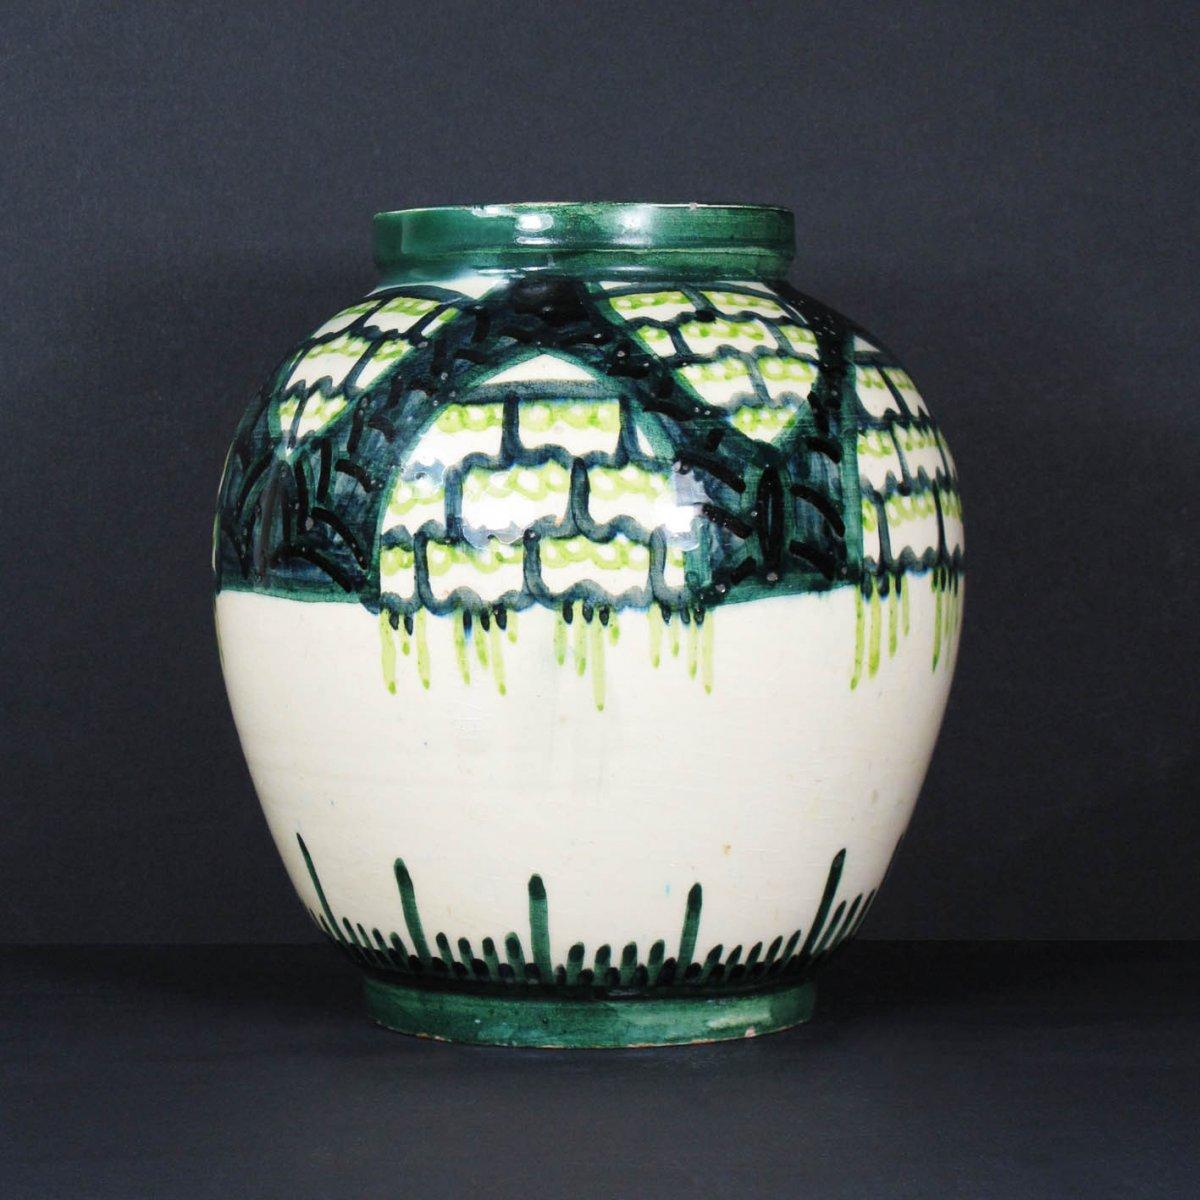 Art Deco Earthenware Vase By Raoul Lachenal, Unique Piece